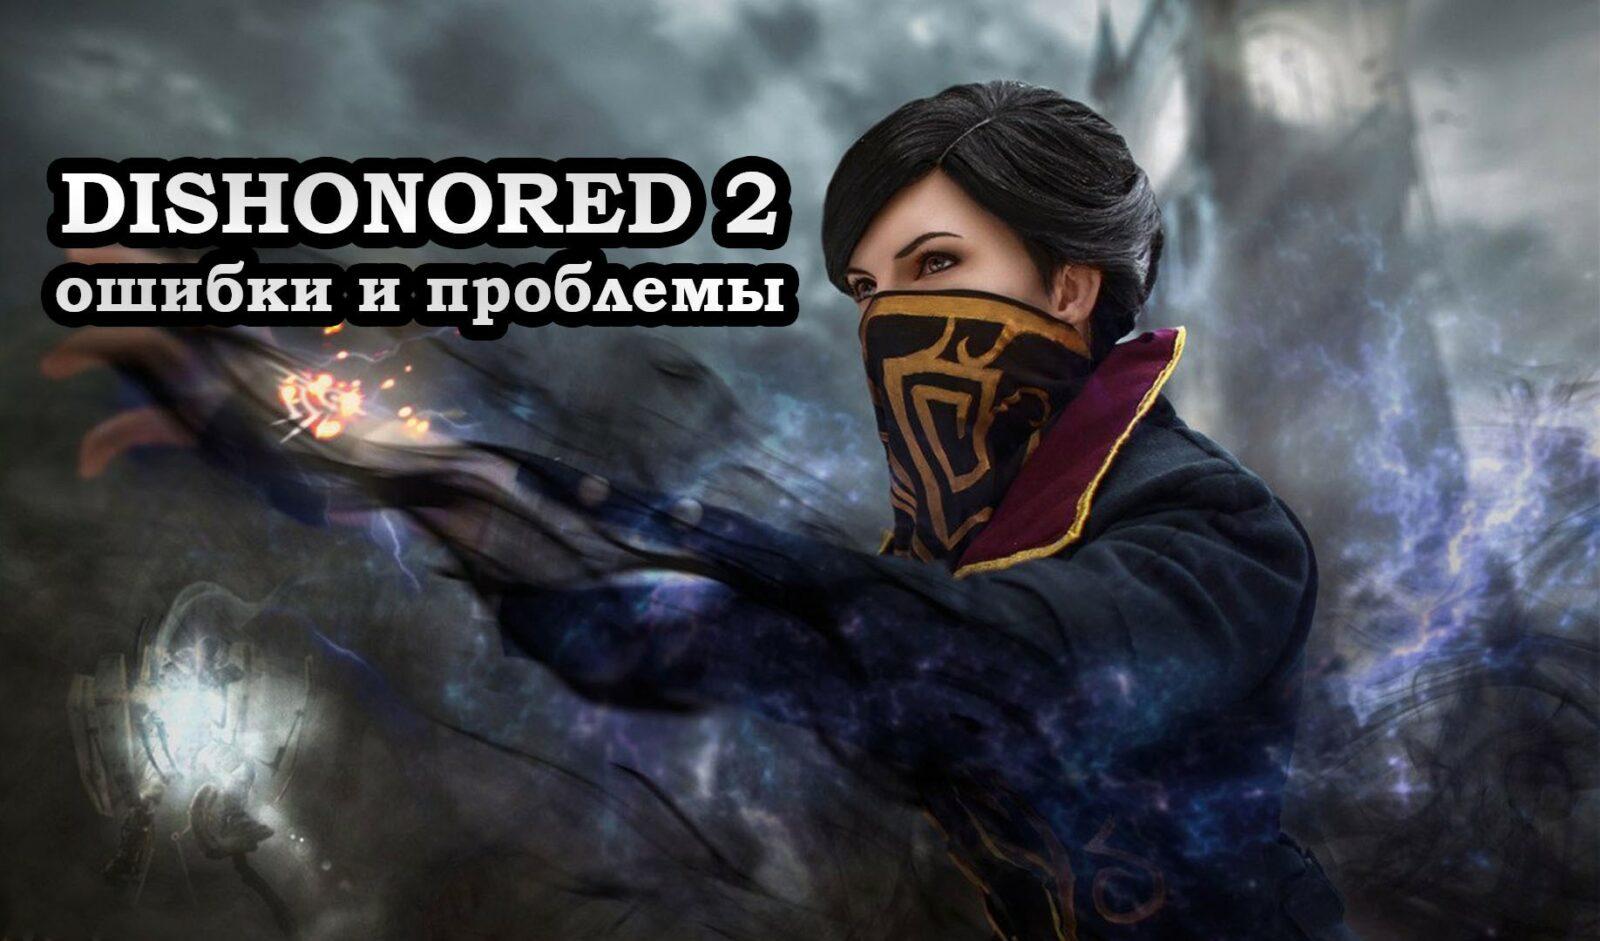 Dishonored 2 не запускается - причины и решение проблемы